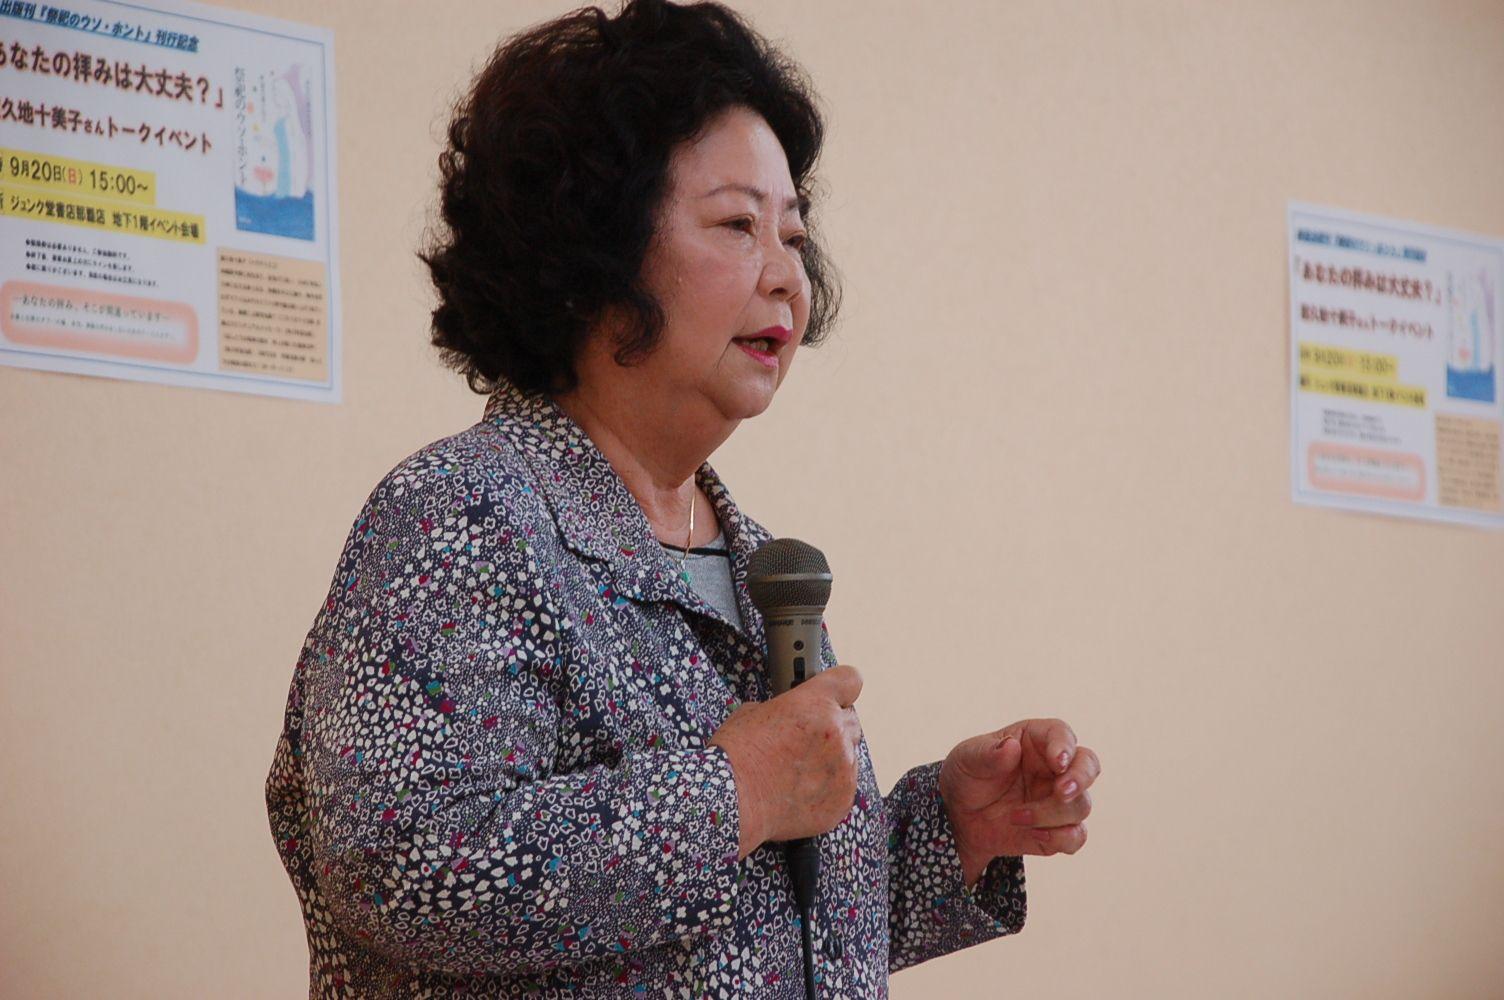 美子 渡久地 十 『祭祀のウソ・ホント』の著者、渡久地十美子さんが語る神と霊